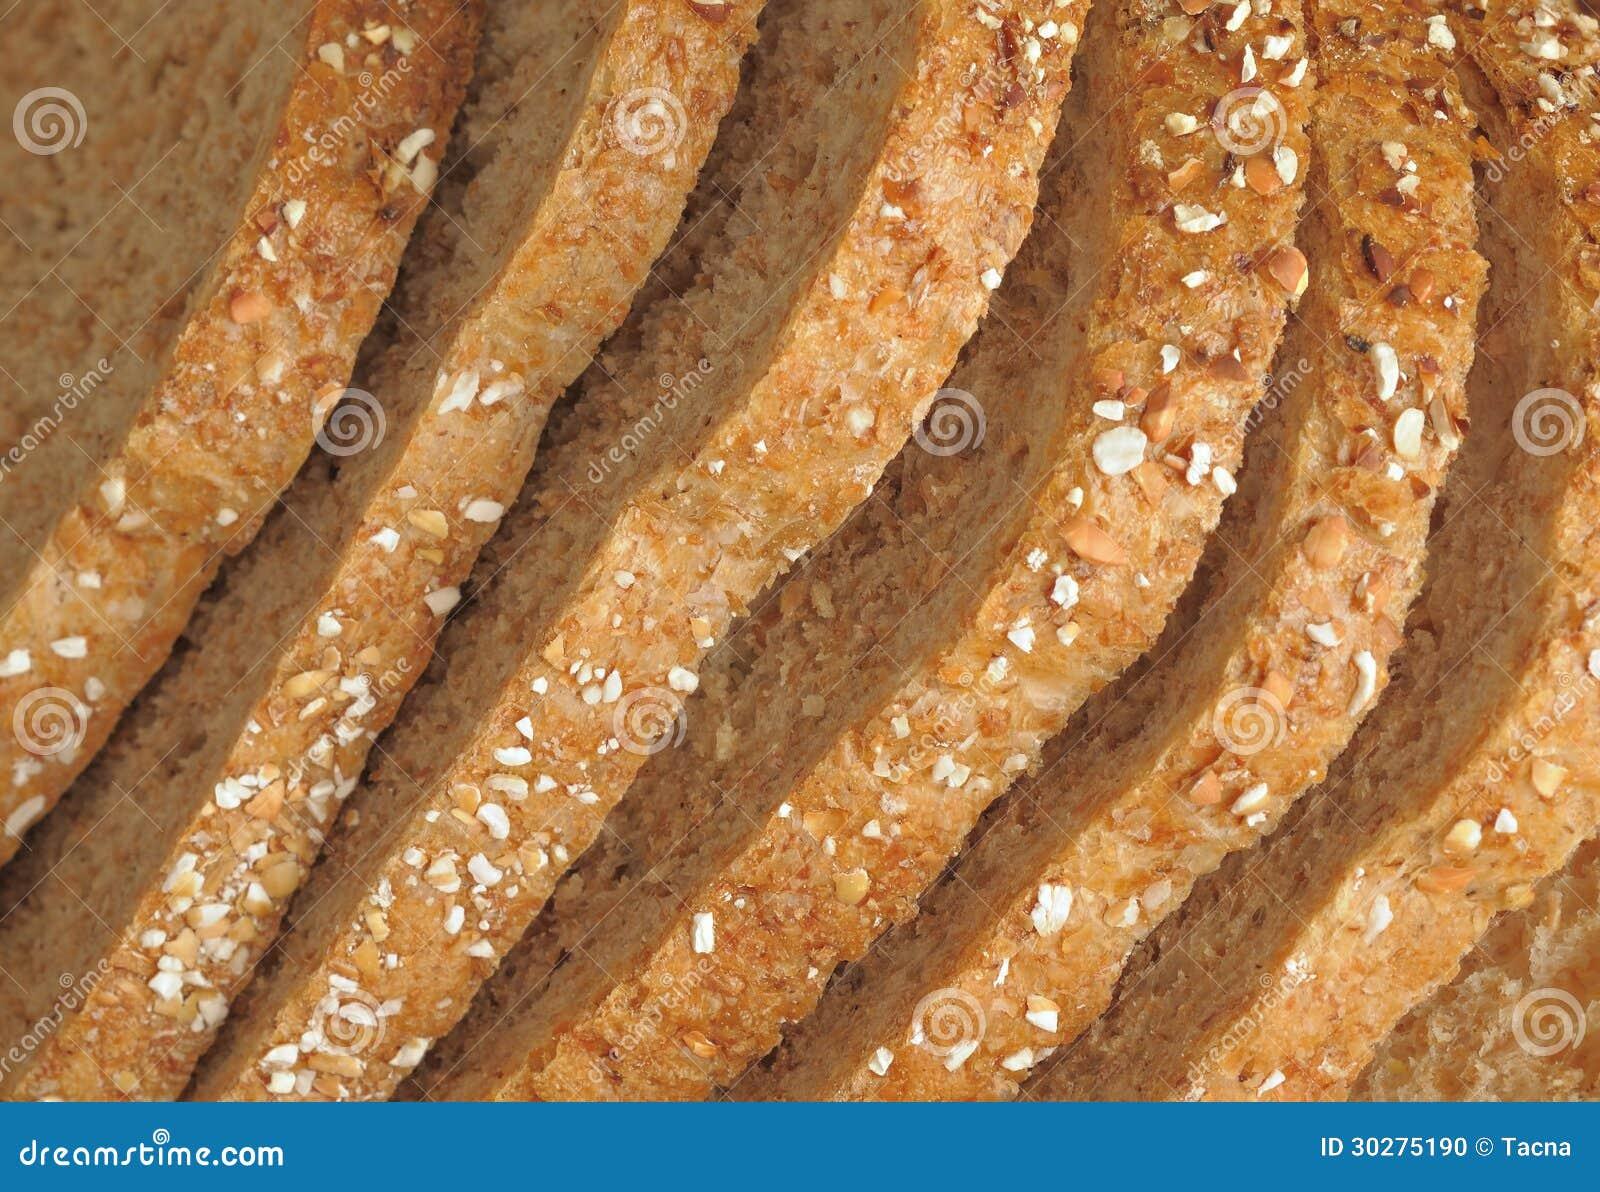 整个五谷面包